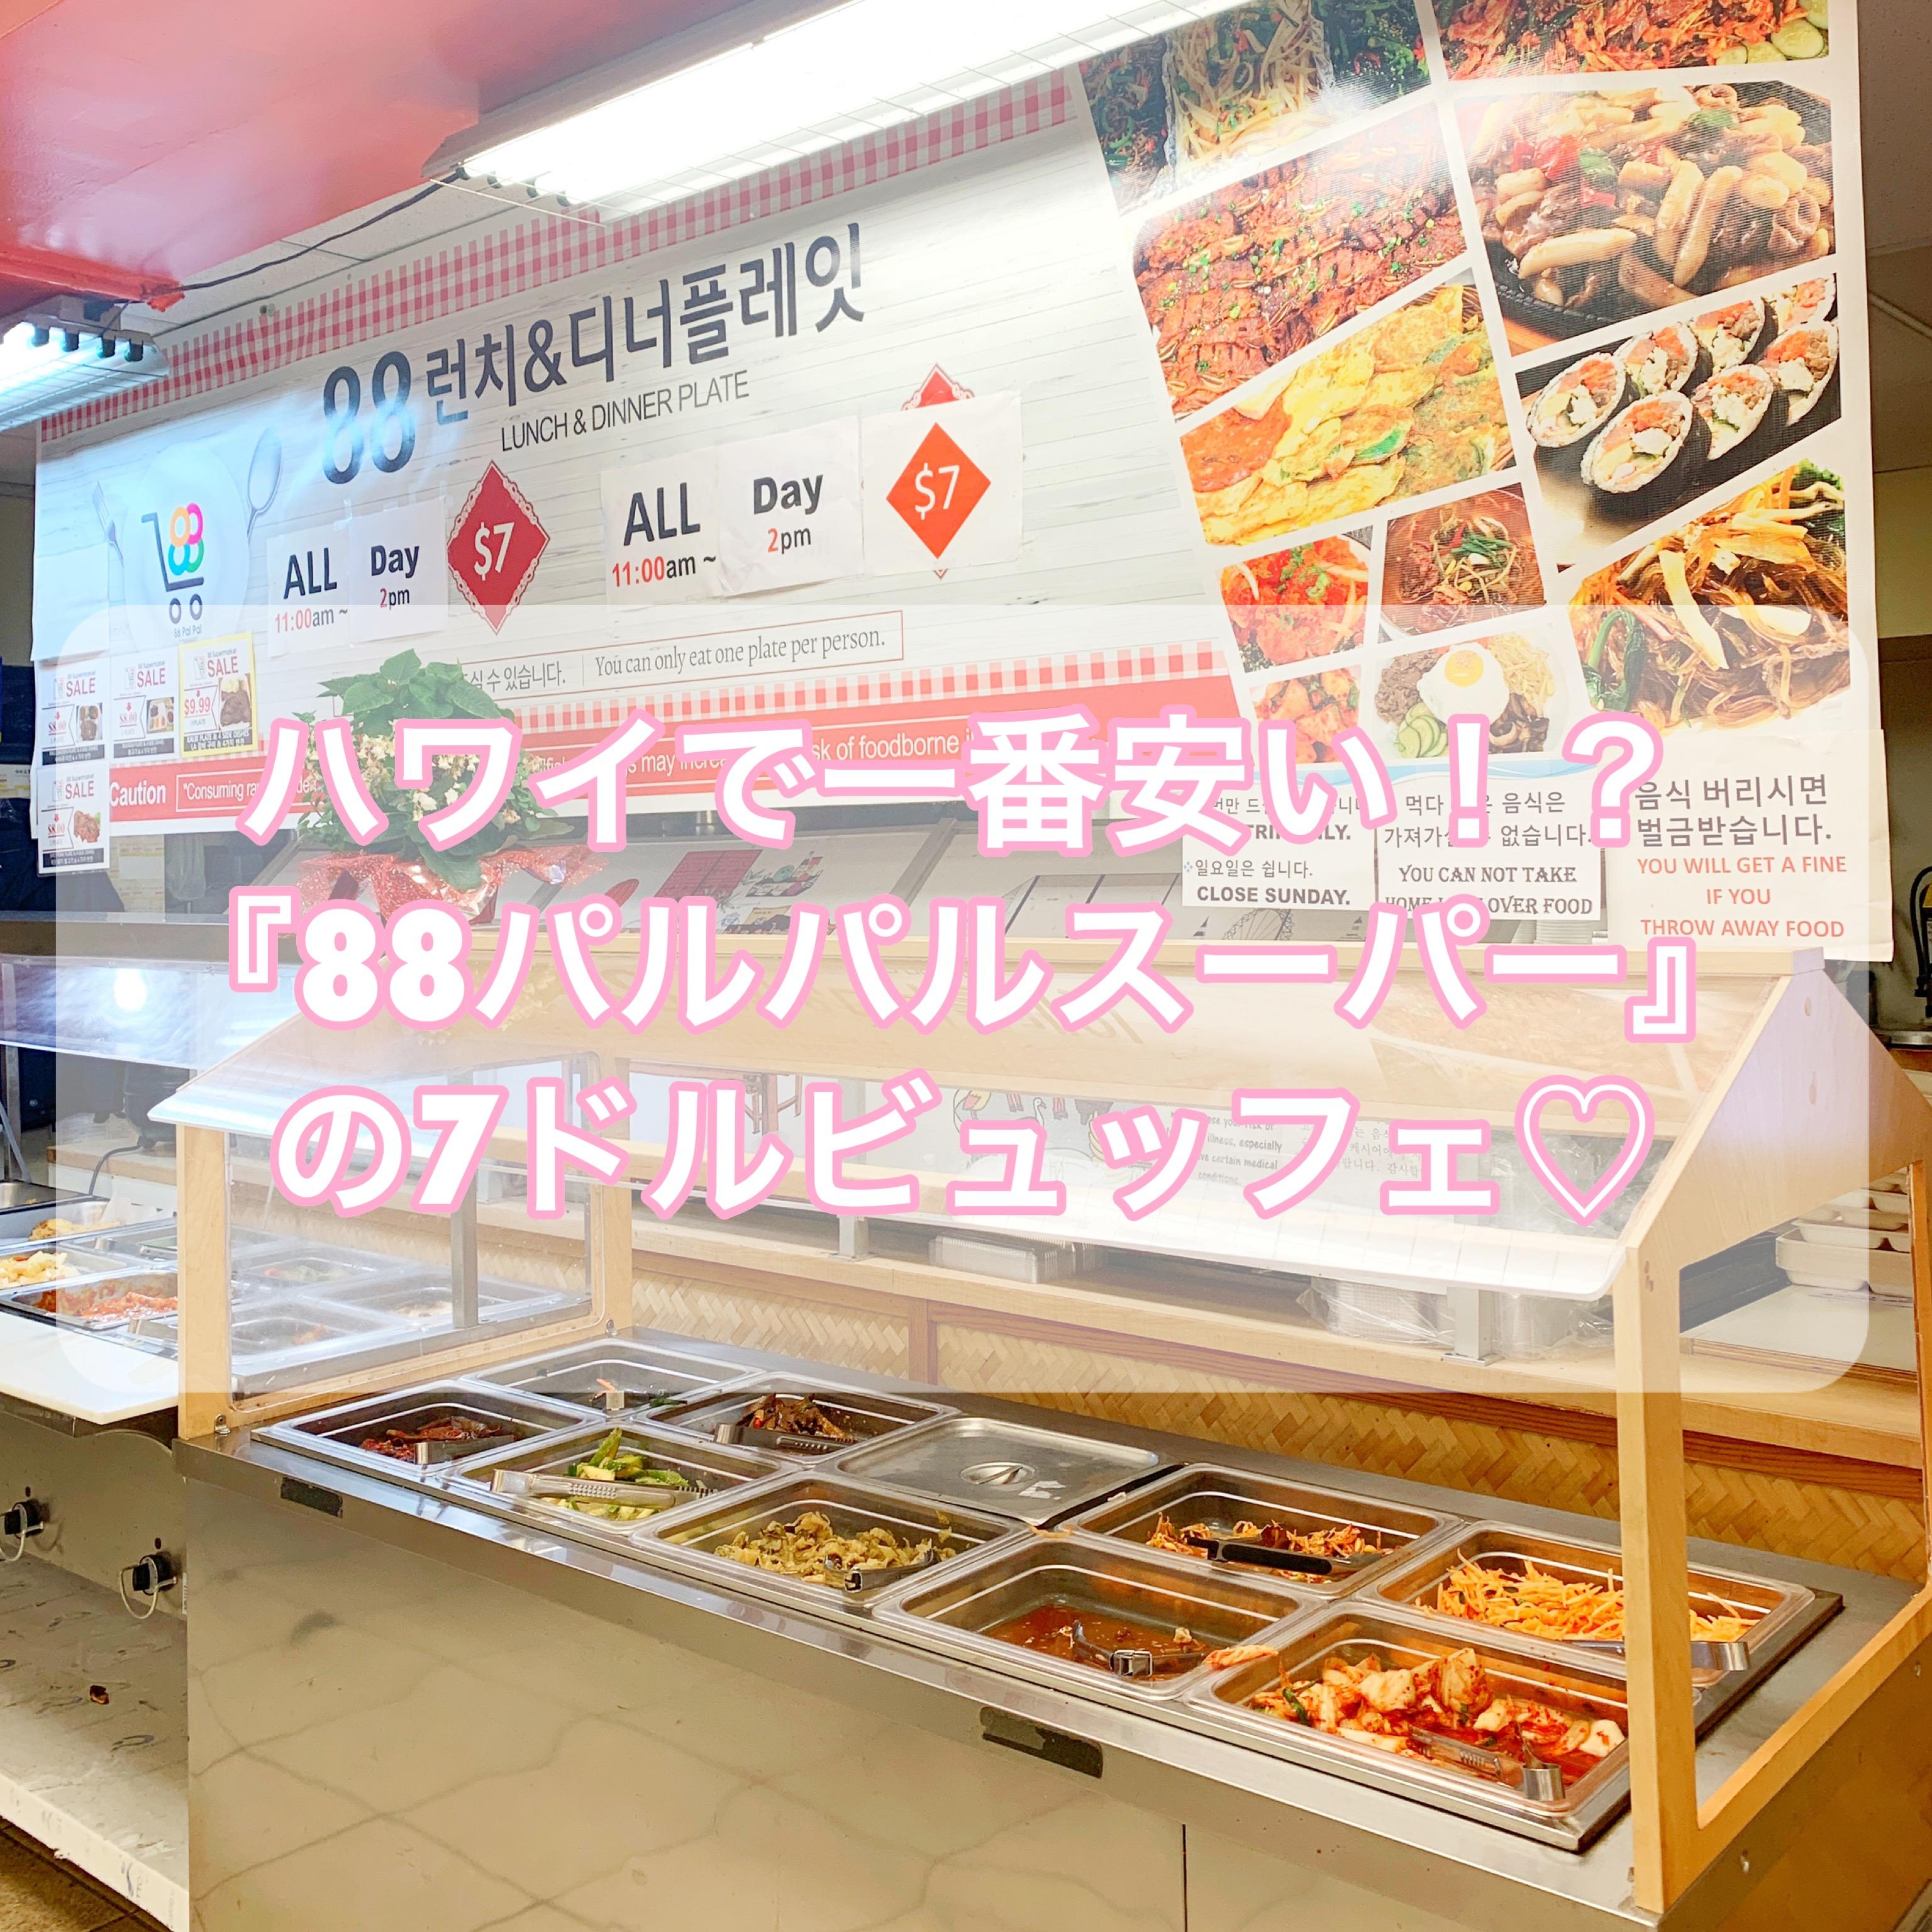 【ハワイの韓国スーパー】「88(パルパル)スーパーマーケット」の7ドルビュッフェがお得すぎ【安くて種類豊富】